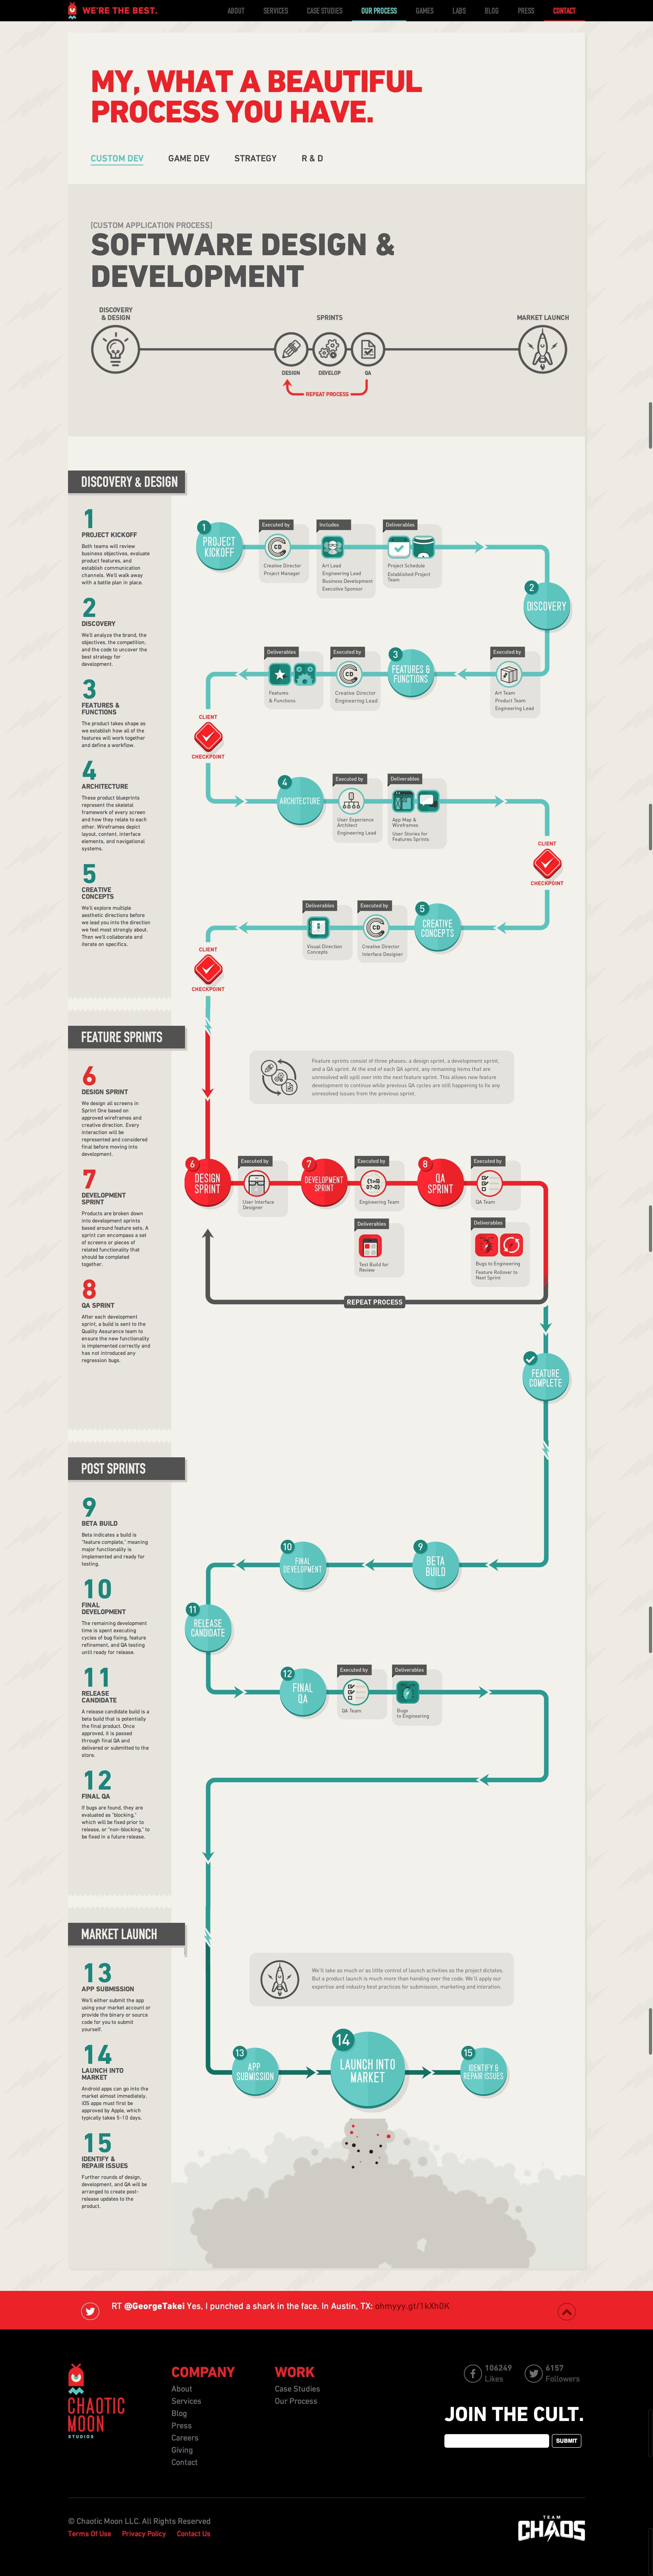 Development Process More Softwaredesign Diagram Design Process Infographic Ux Design Process